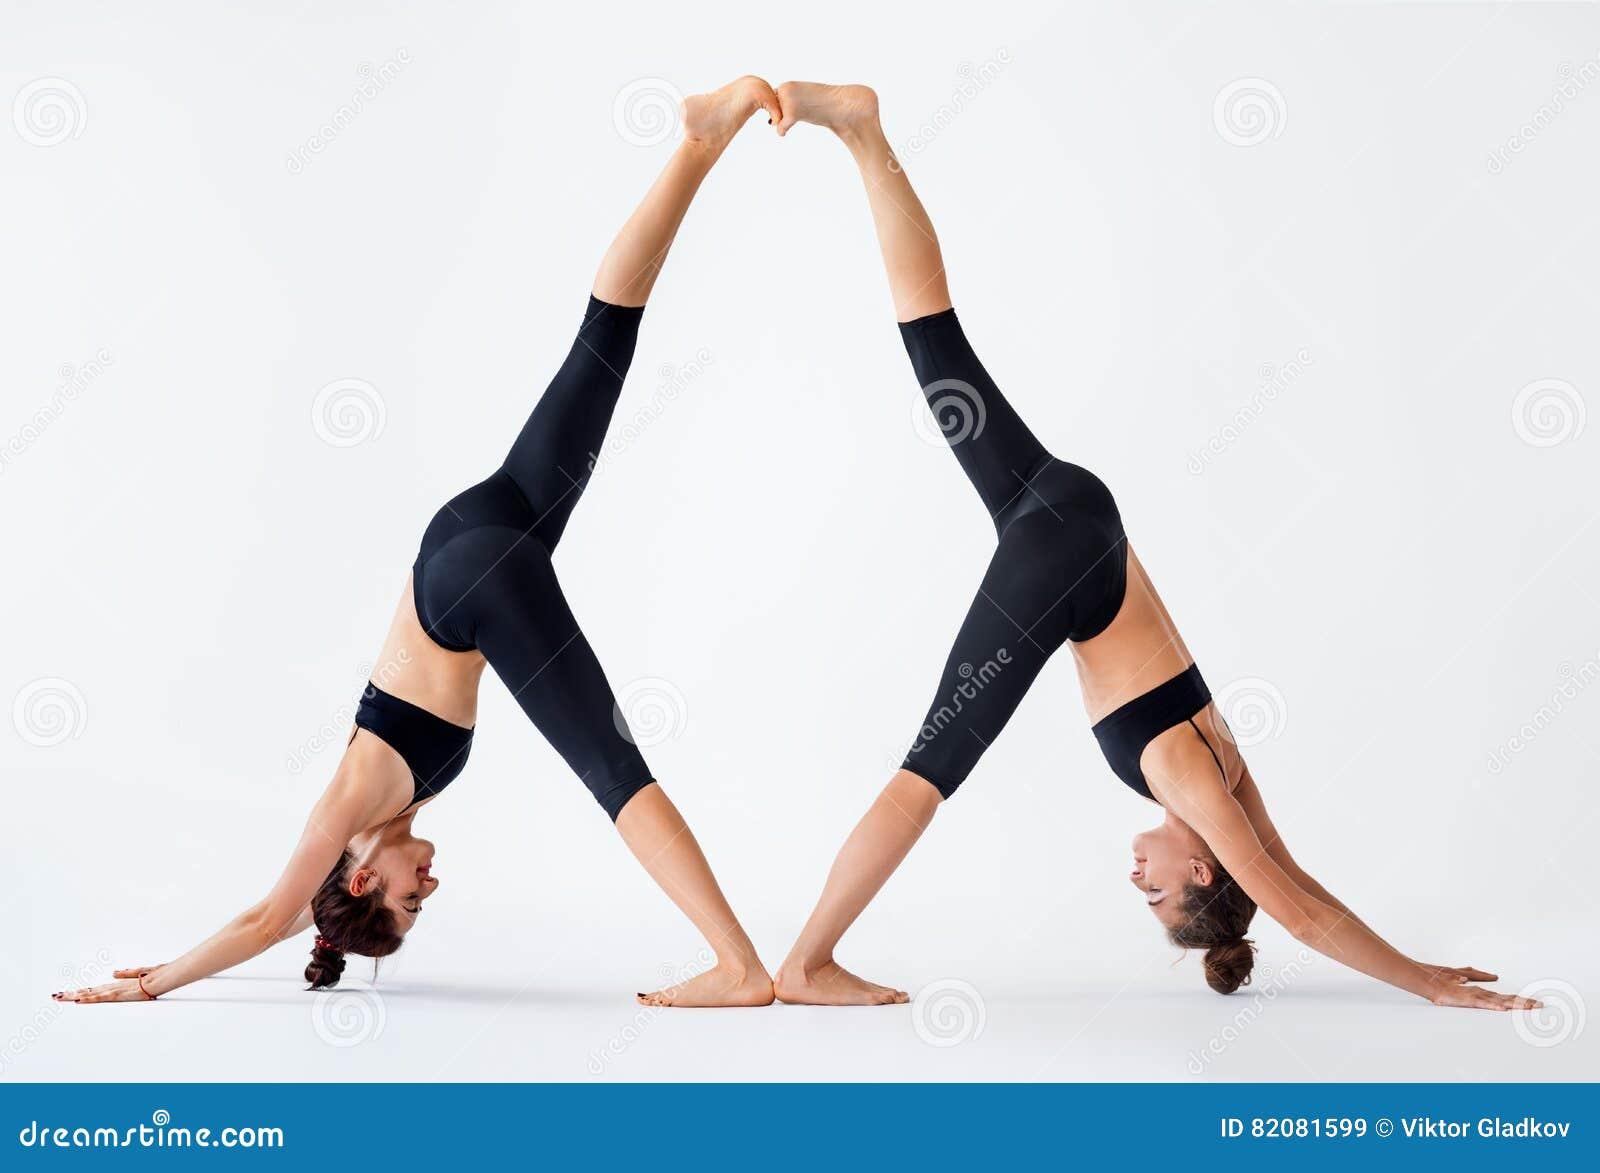 картинки смотреть йога